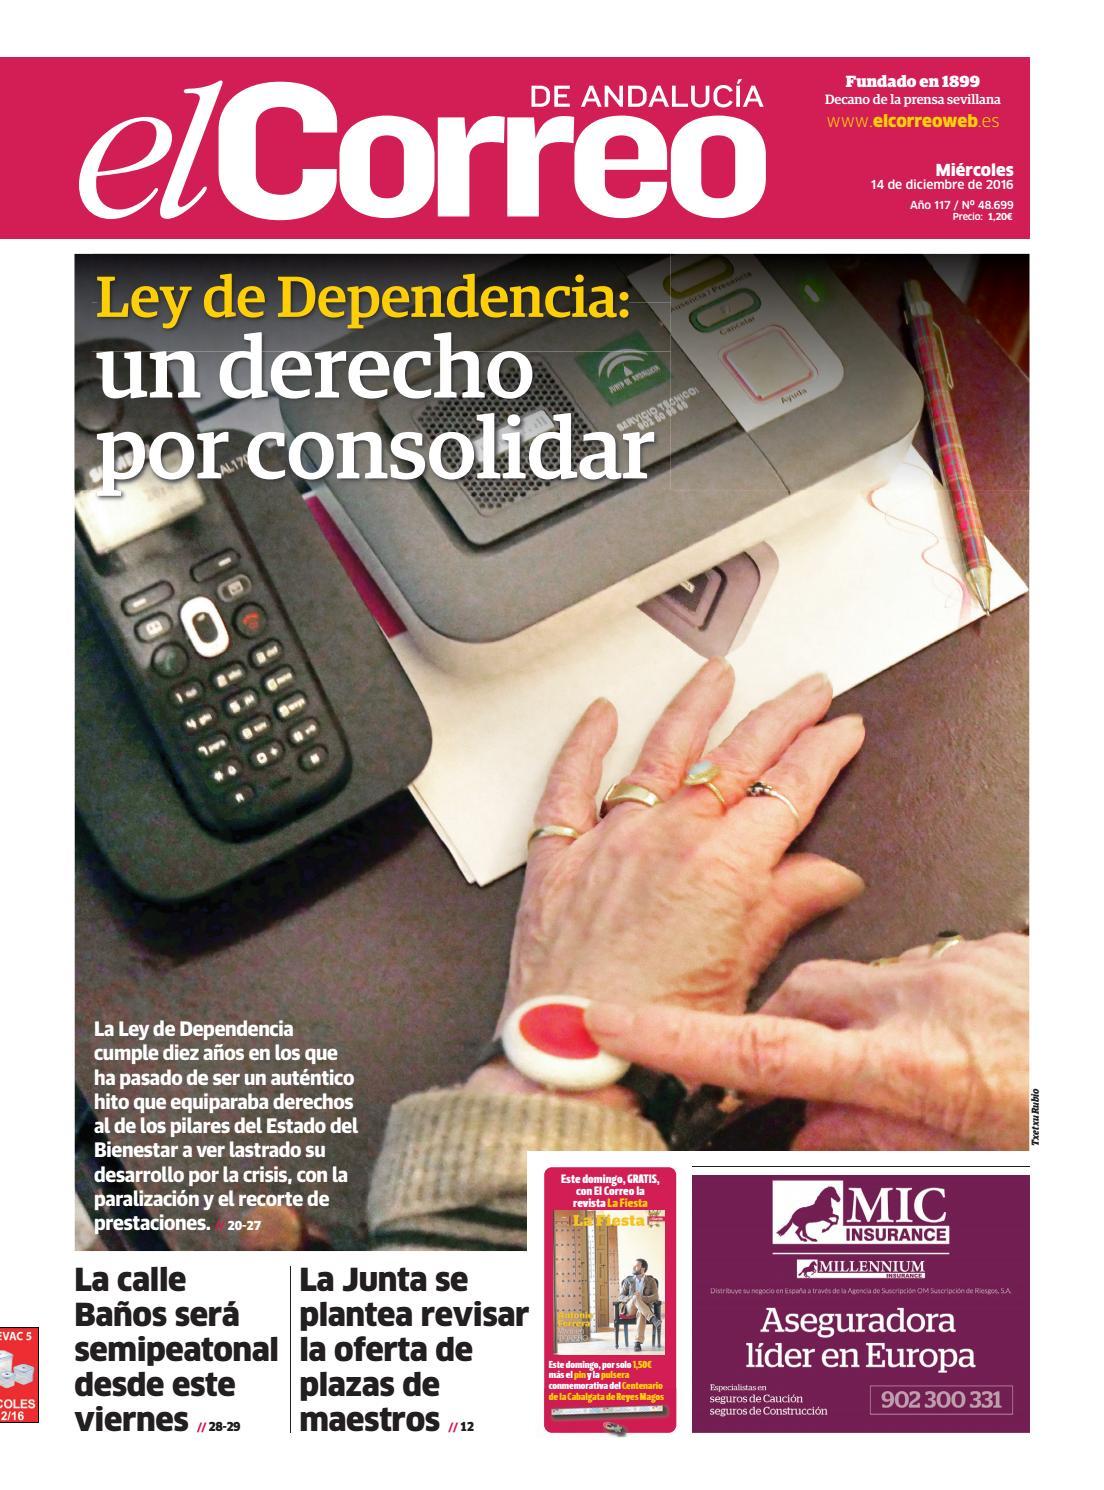 9caa01451373 14 12 2016 El Correo de Andalucía by EL CORREO DE ANDALUCÍA S.L. - issuu